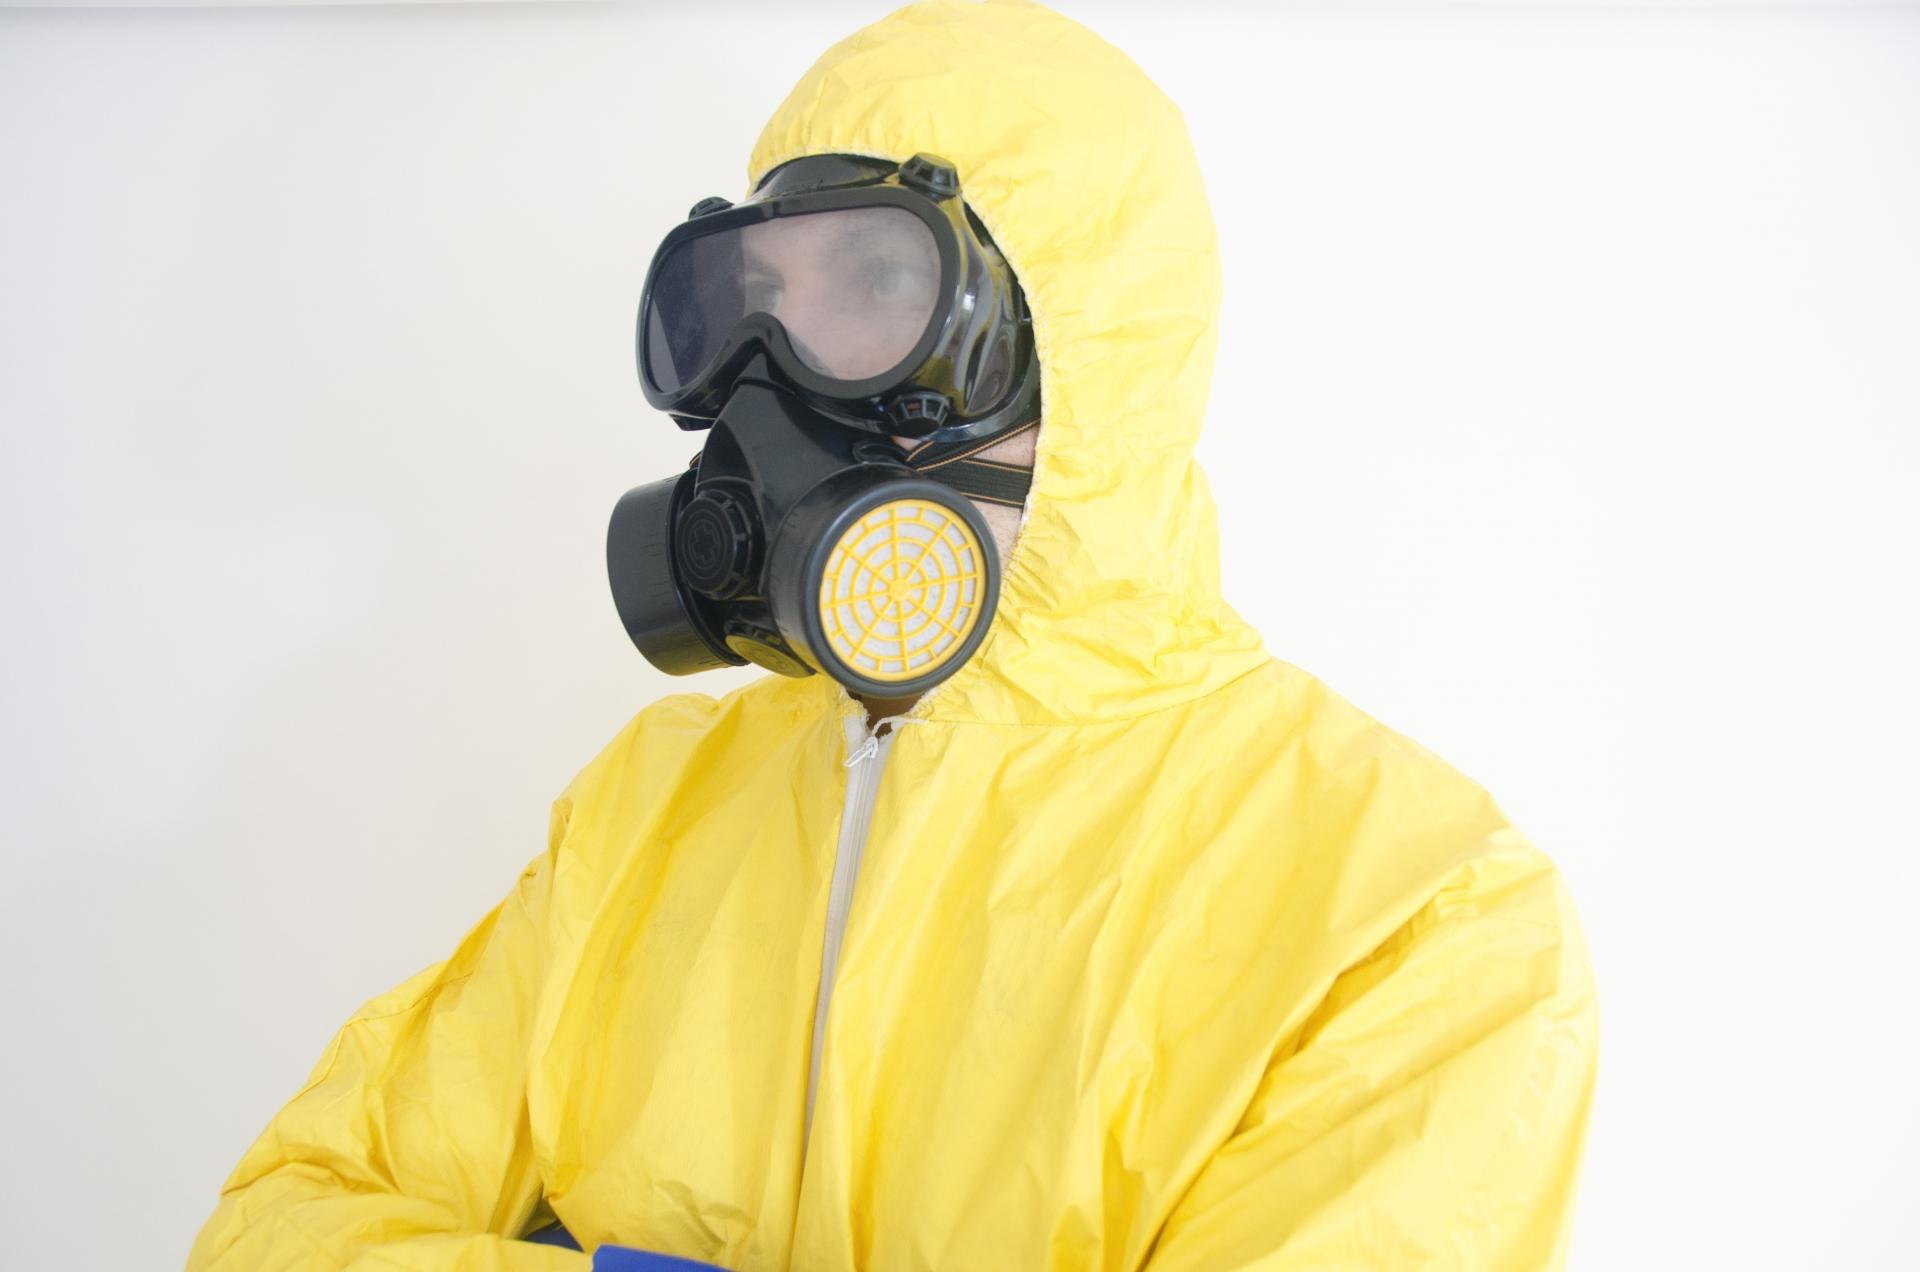 6a5427cdc82b04643b53dd92ecb54041 m 地下鉄サリン事件に見る、経費毒の恐ろしさとは?